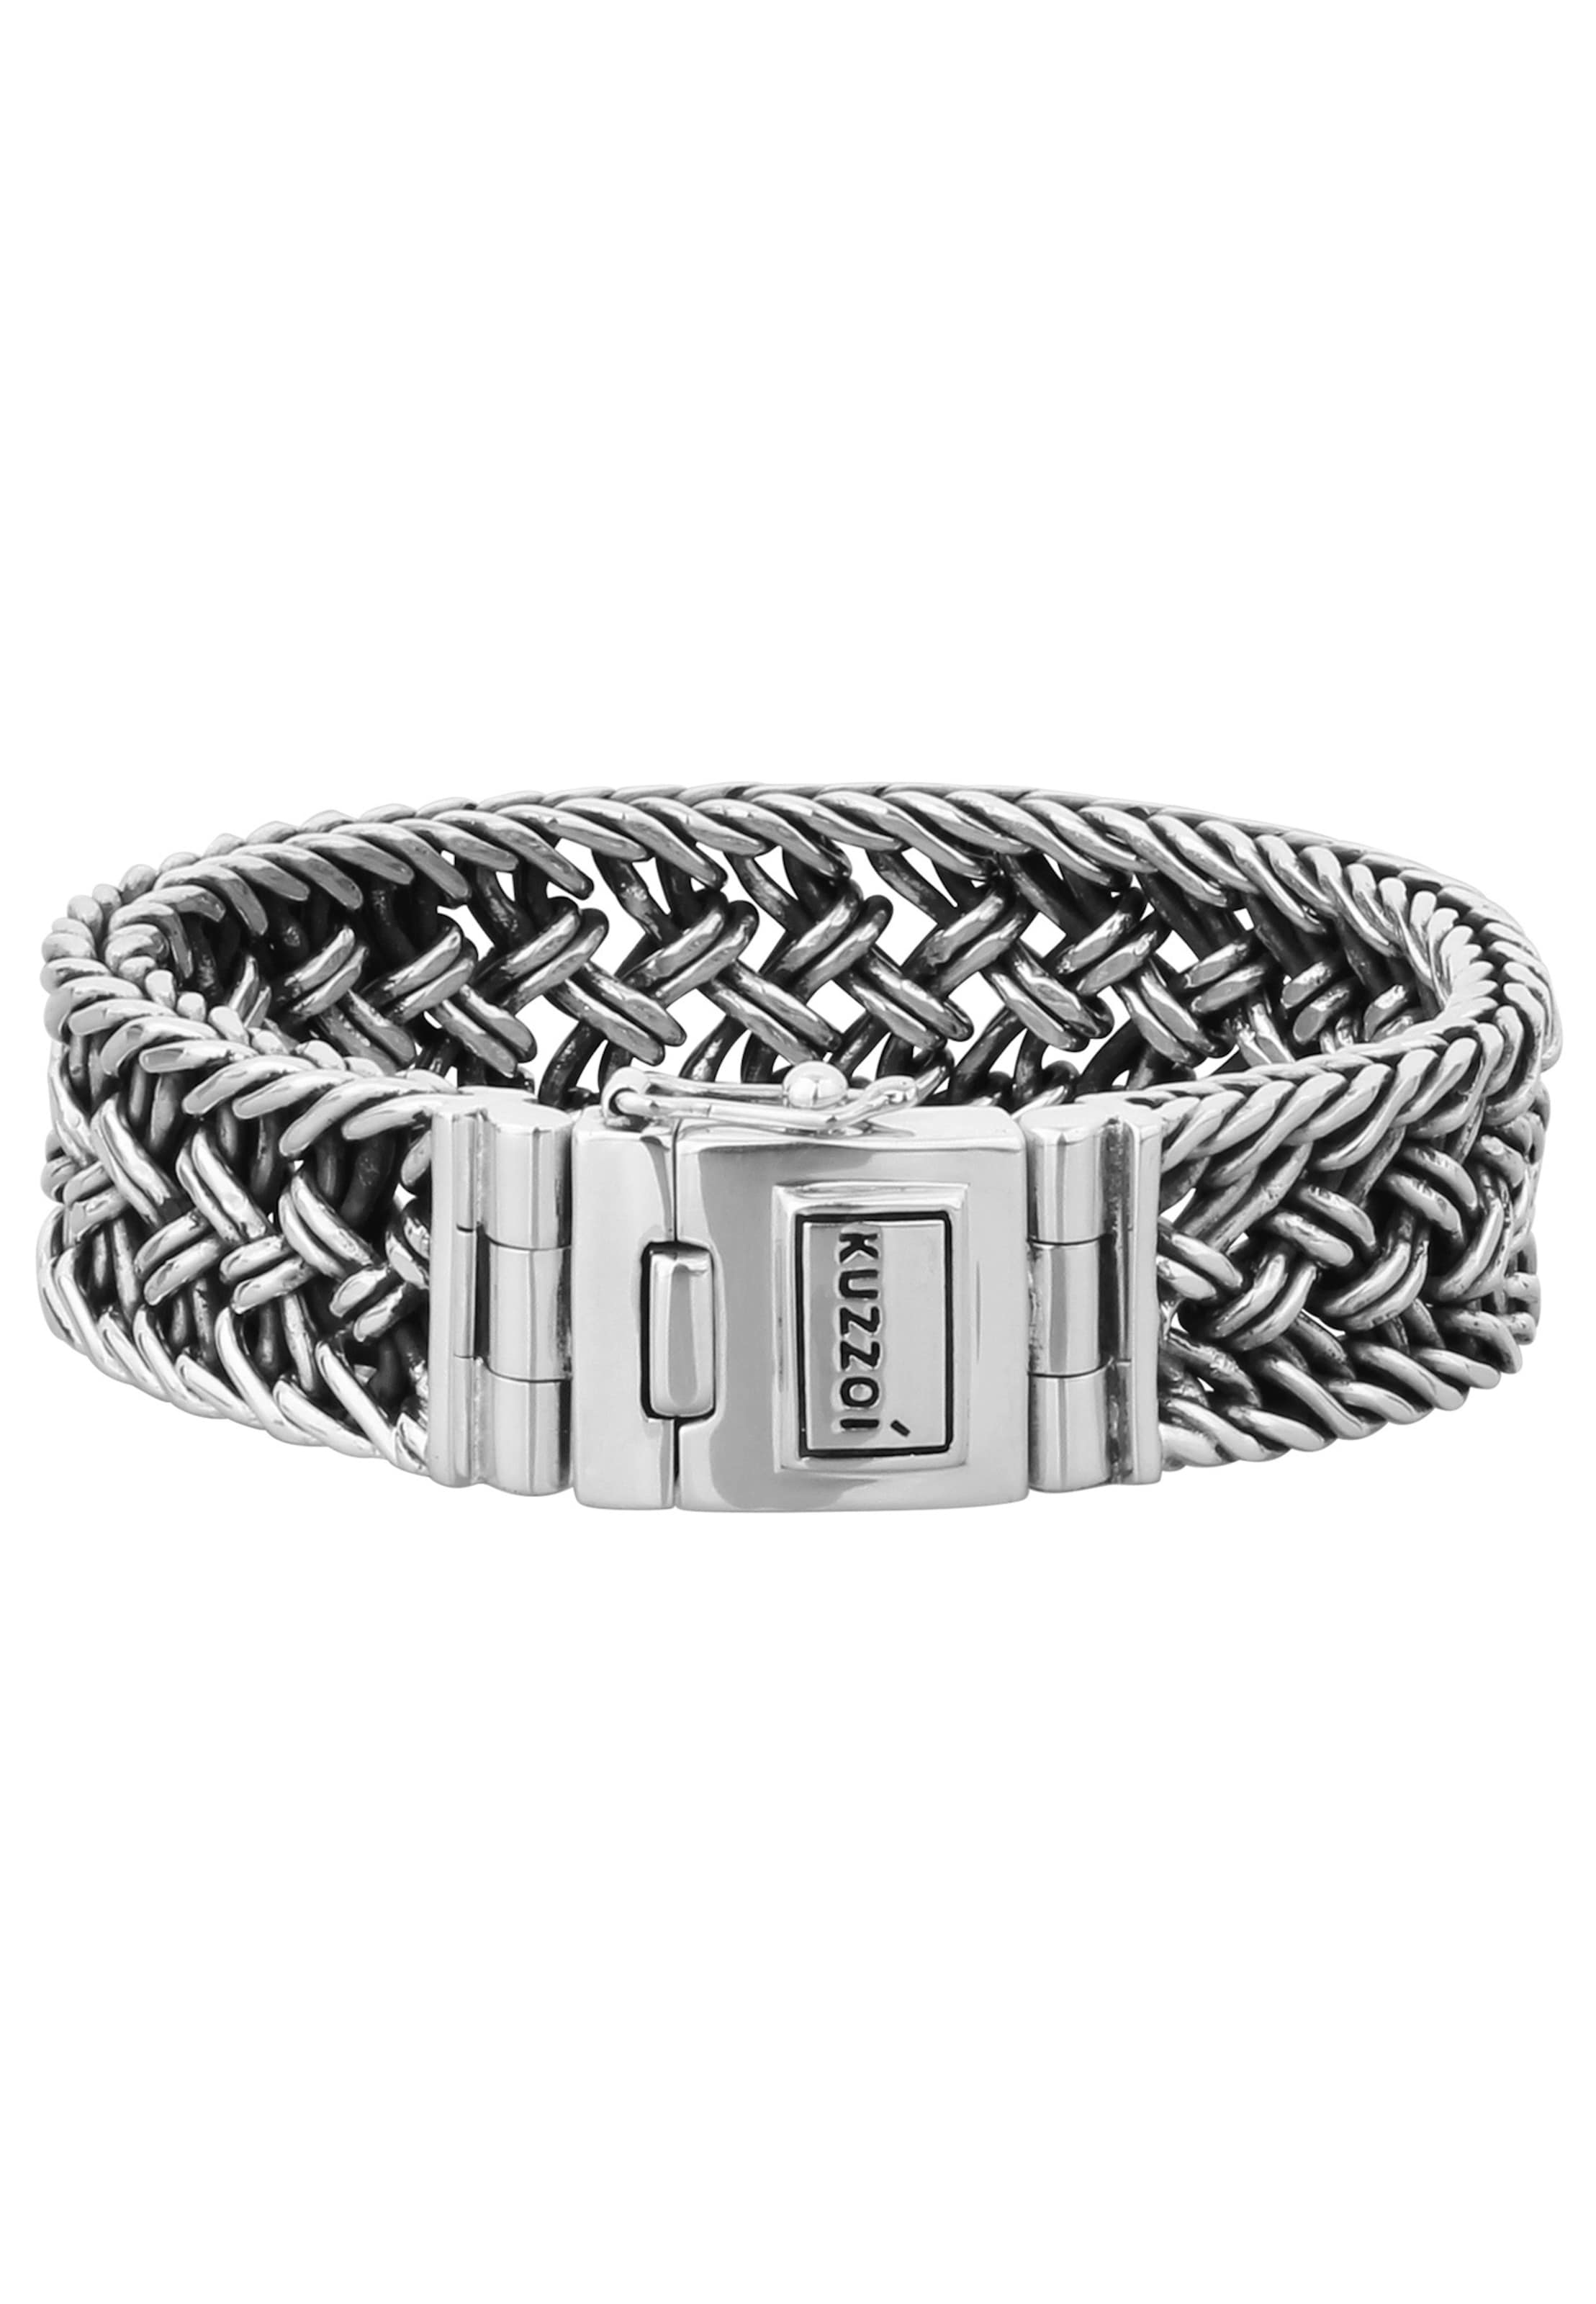 In Silber Kuzzoi Armband Armband Kuzzoi 'twisted' P80wOvNymn